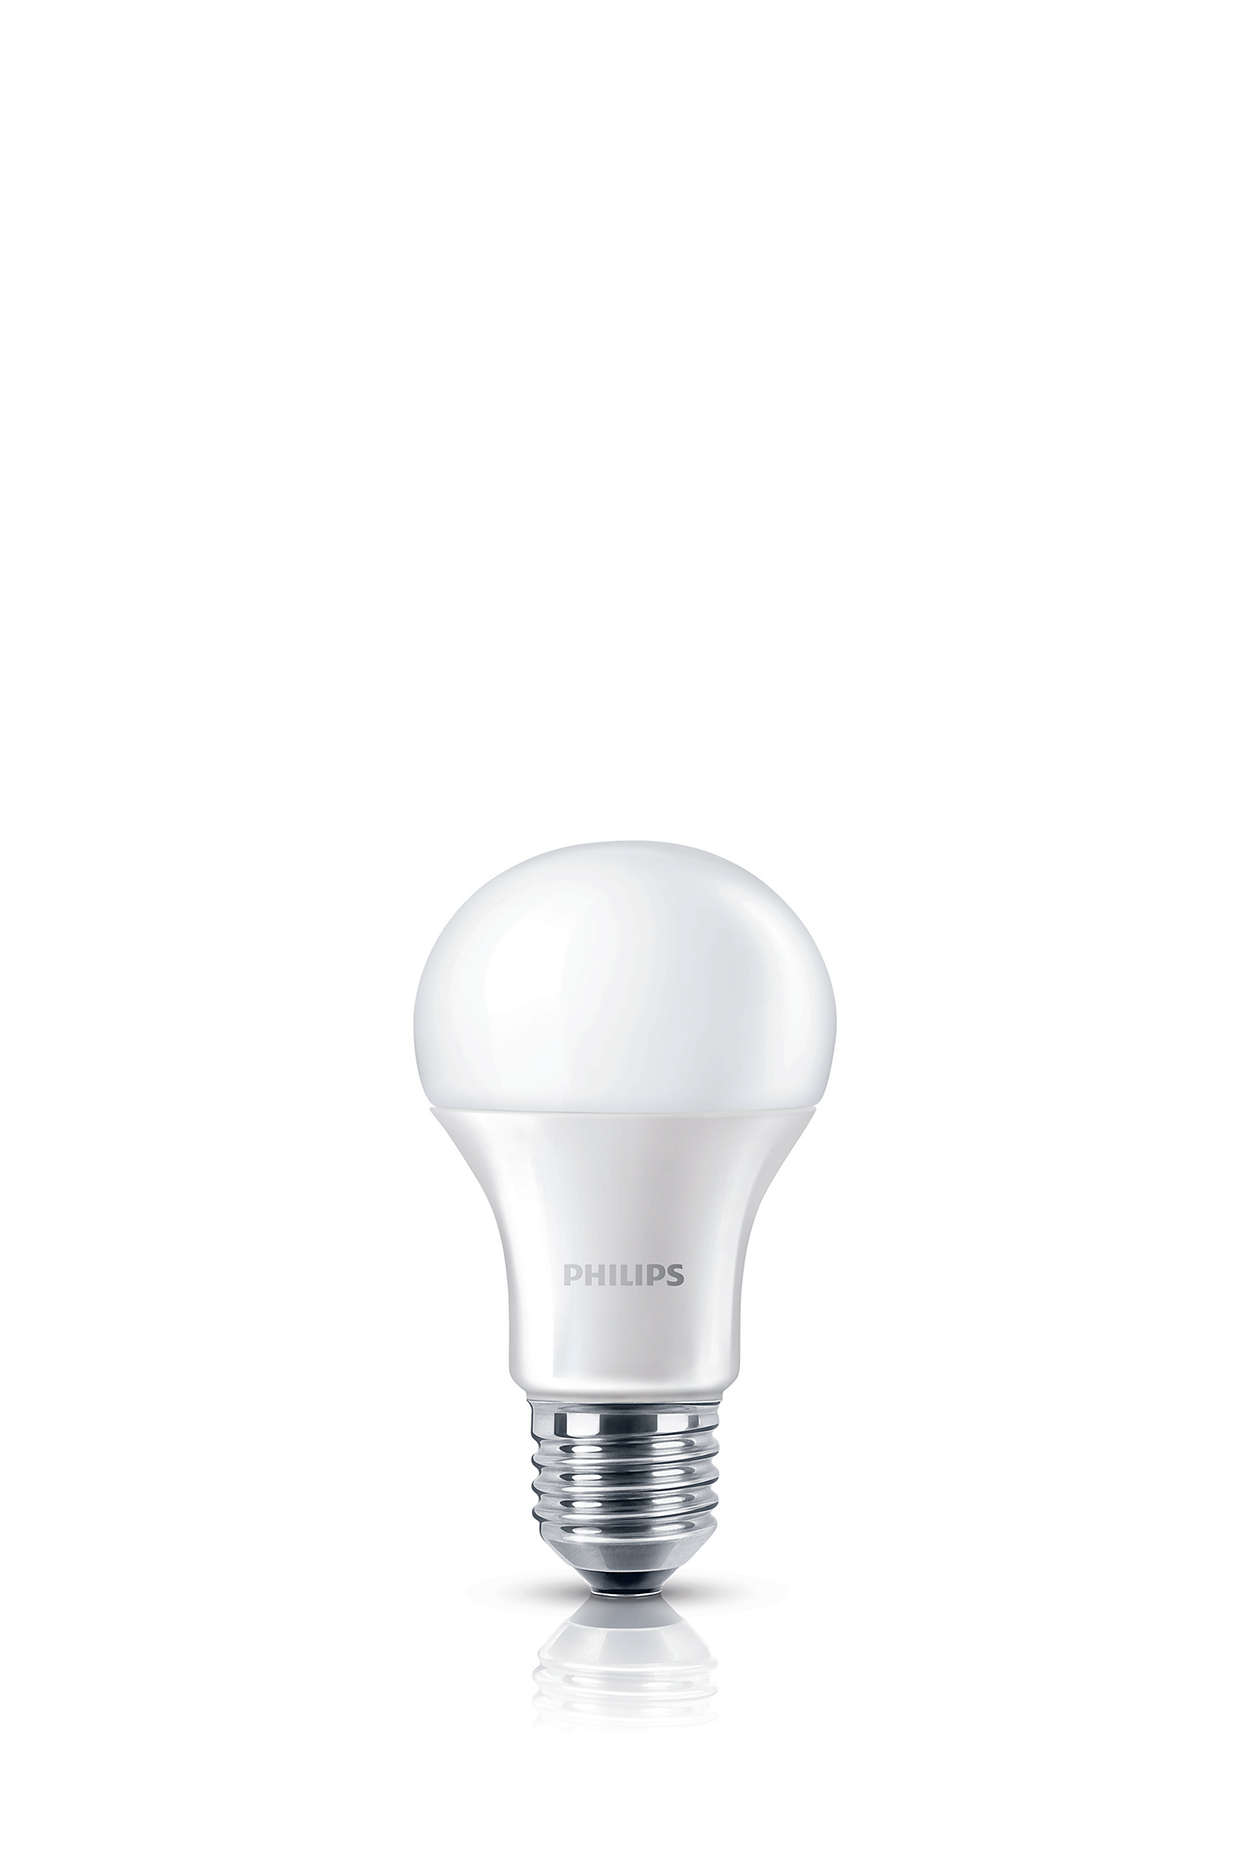 Chłodne białe światło z zachowaniem wysokiej jakości